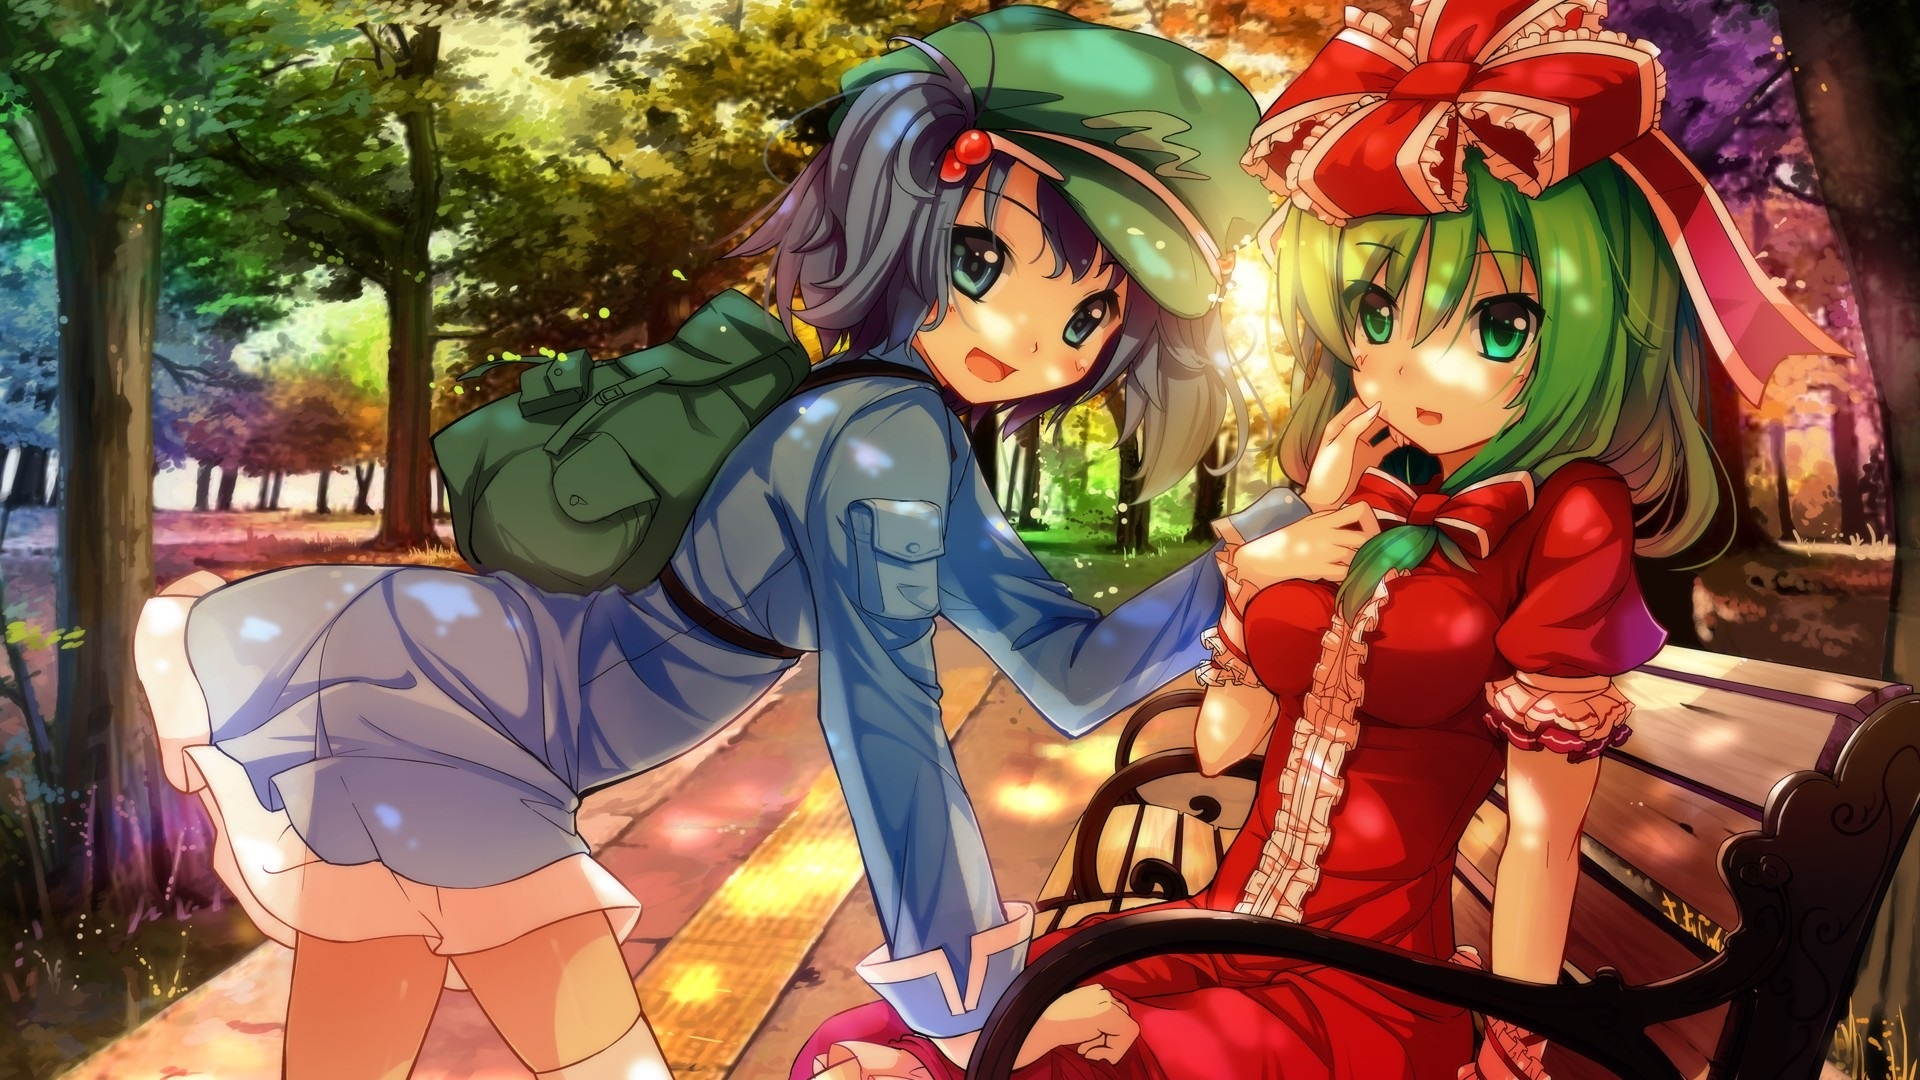 壁紙 公園のアニメの女の子 ベンチ 木 日差し 1920x1080 Full Hd 2k